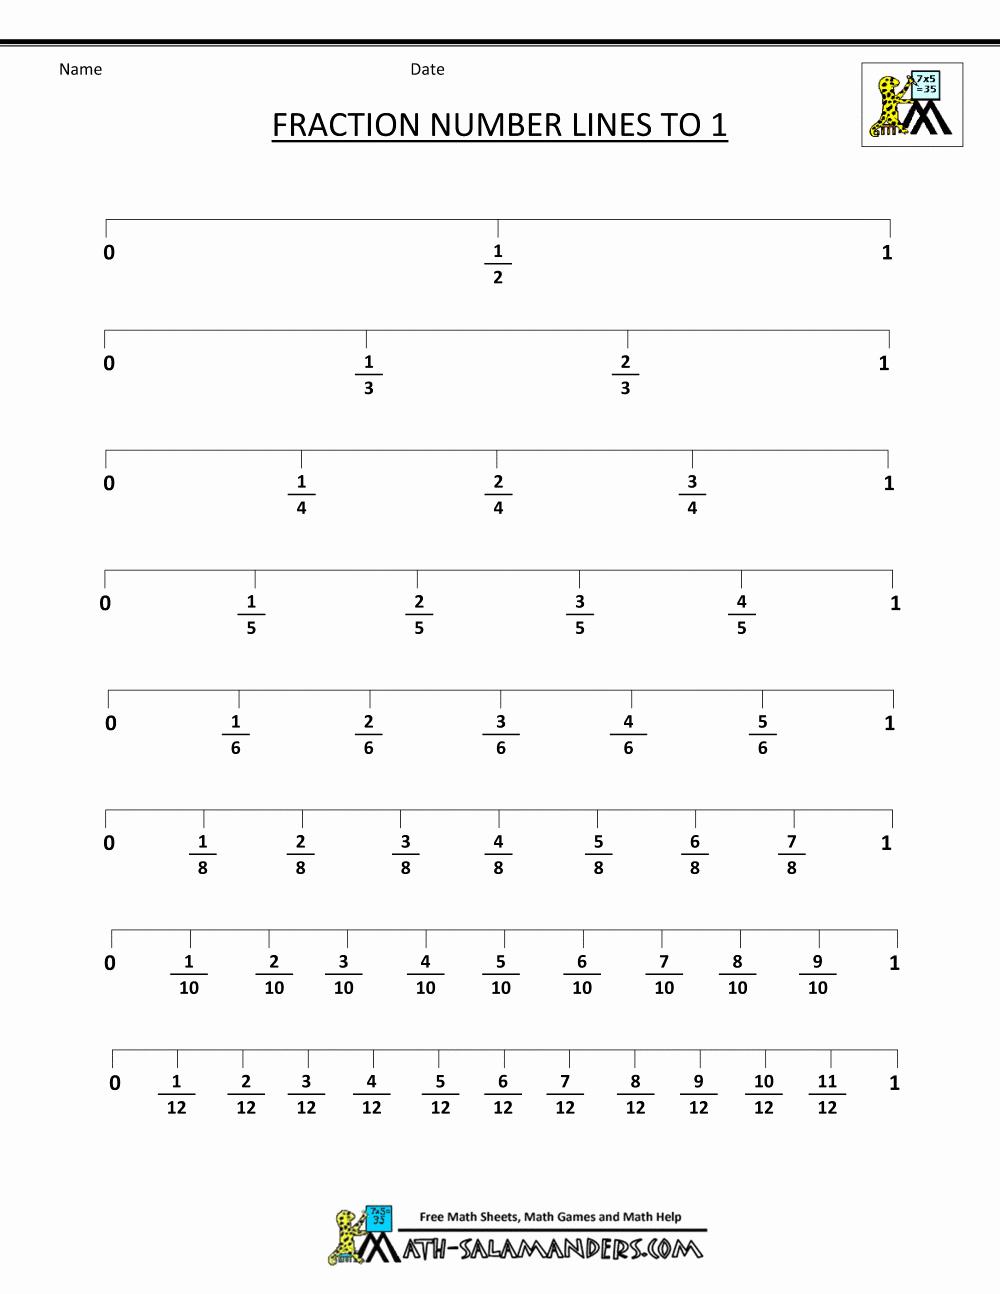 3rd Grade Number Line Worksheets Unique Free Fraction Number Line Worksheets 3rd Grade